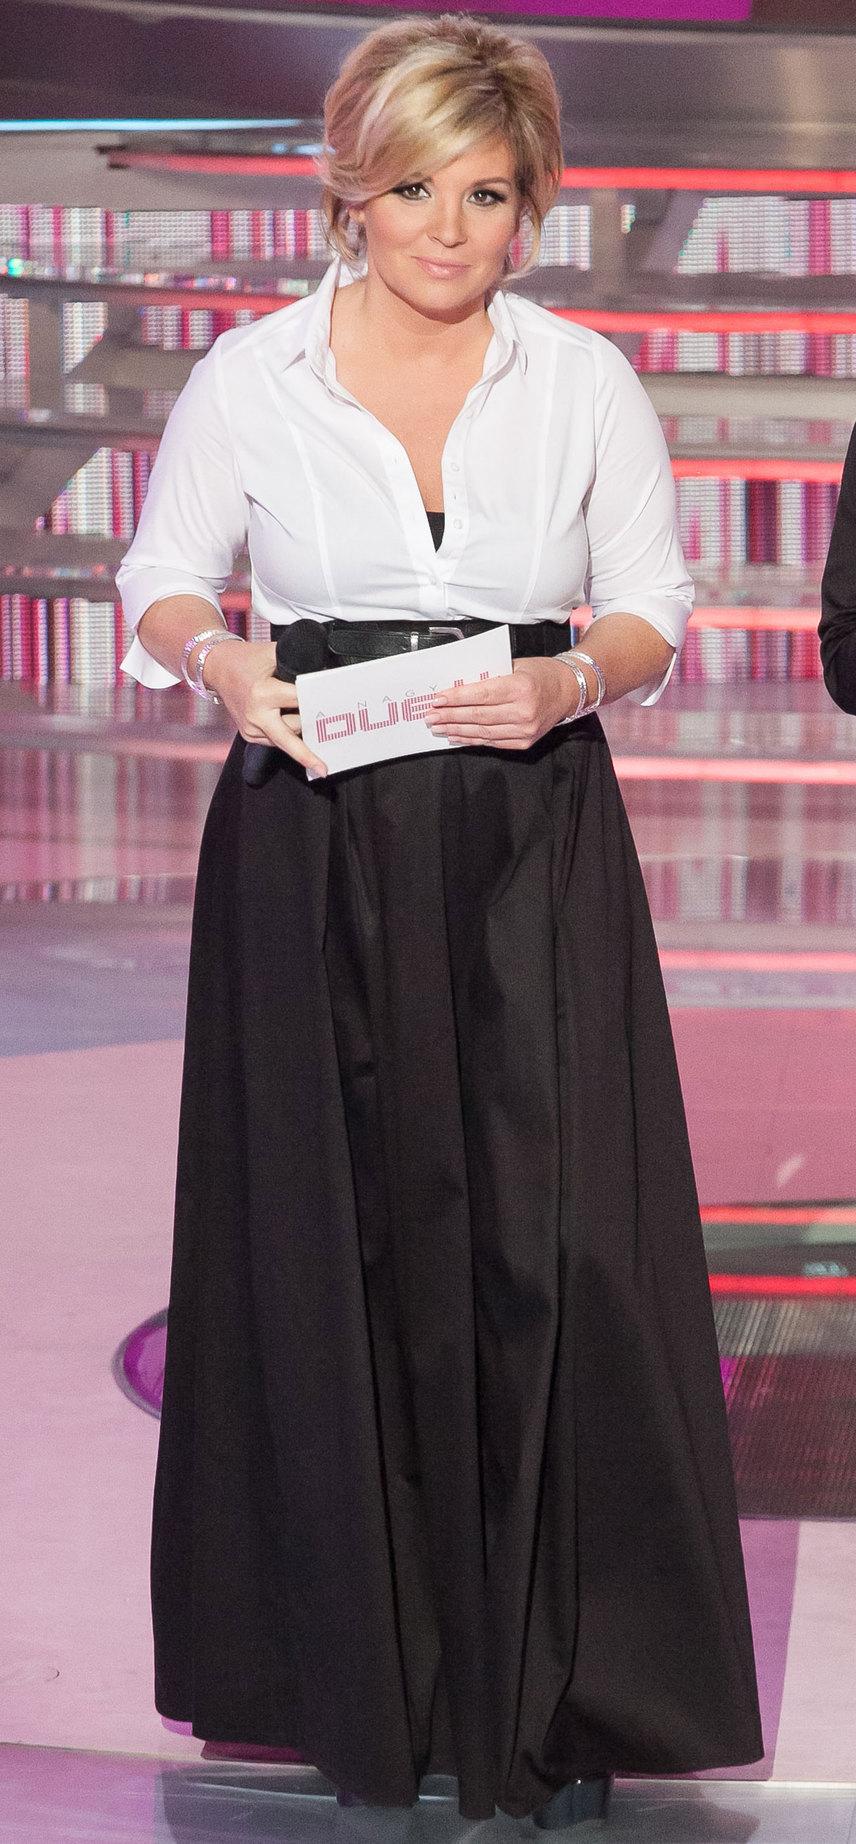 Egy másik példa a fekete-fehér összeállításra: Marks & Spencer blúz és Sugarbird szoknya - máris nem hagyományos párosítás, ha a szoknyát mell alatt egy övvel viseljük.